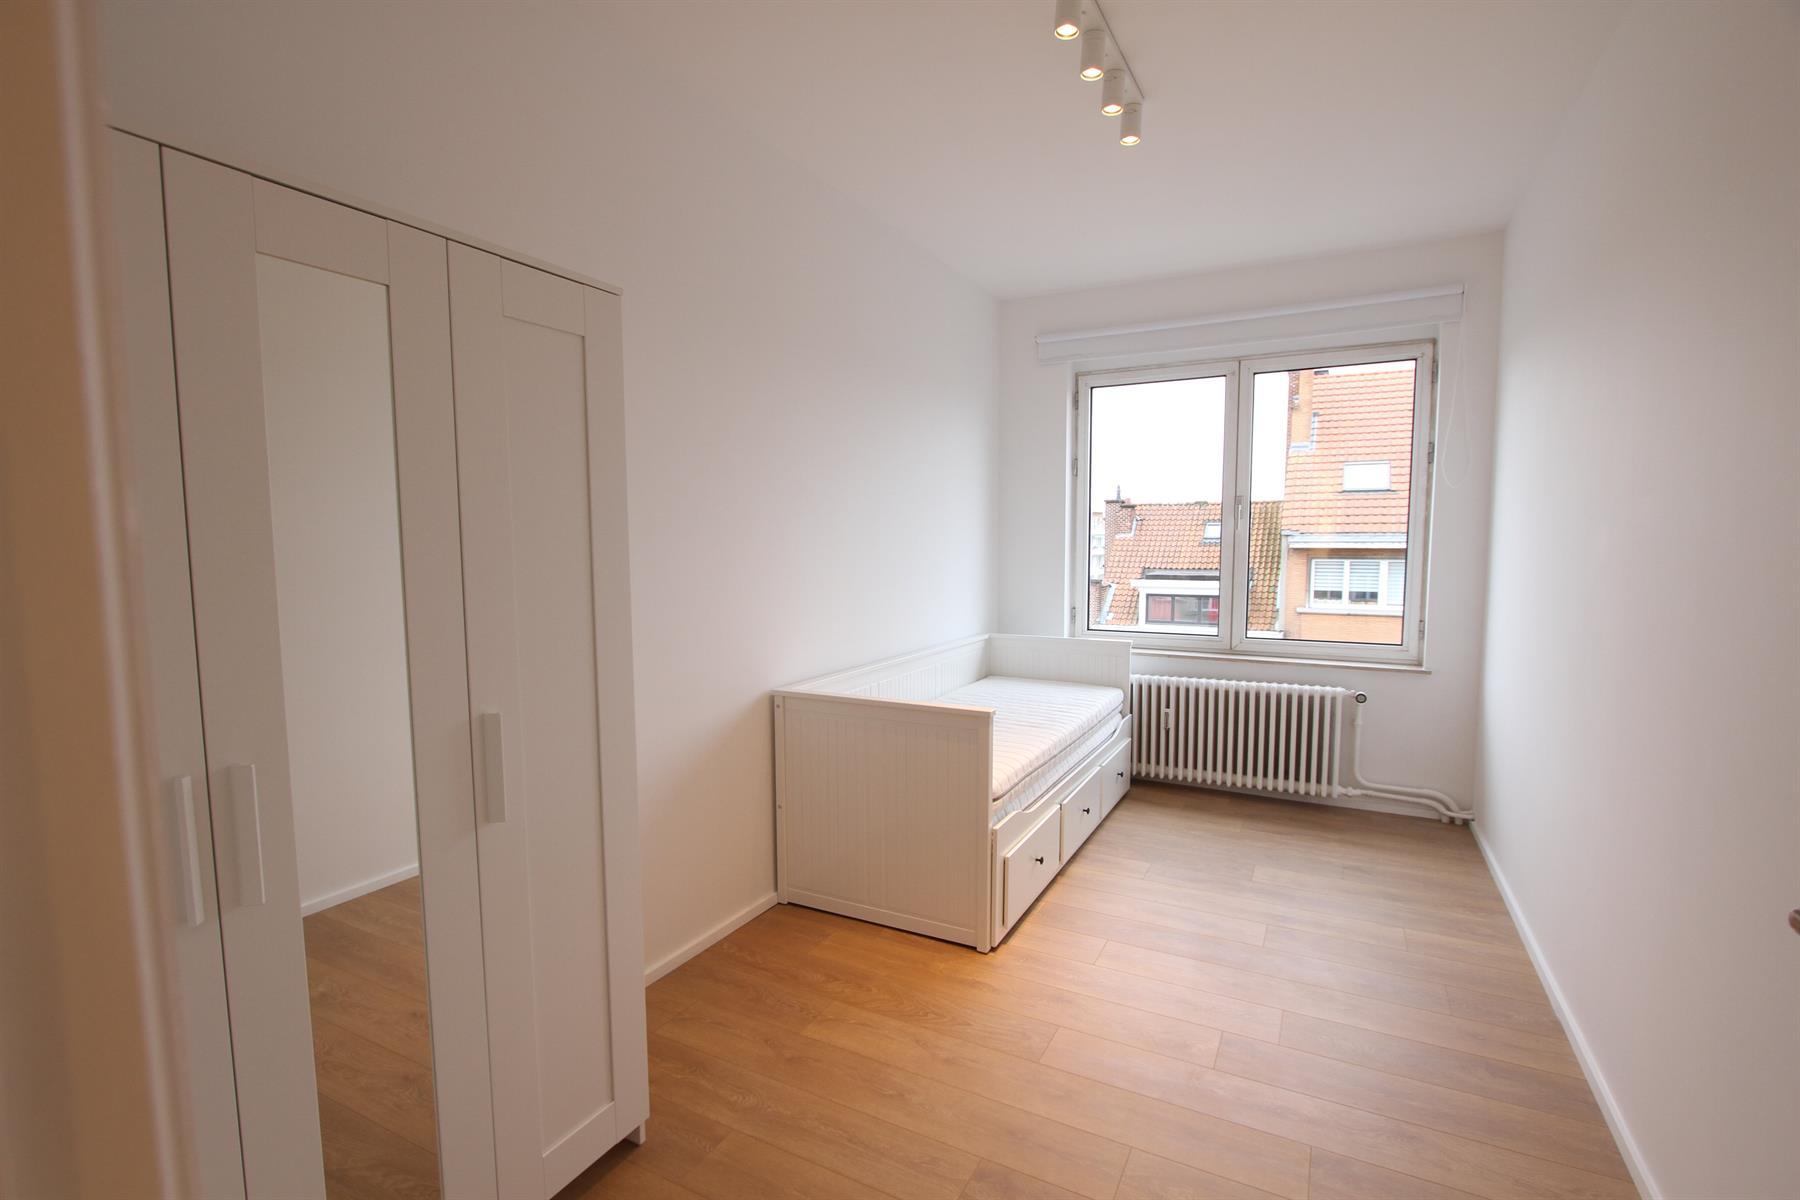 Flat - Ixelles - #3973978-8